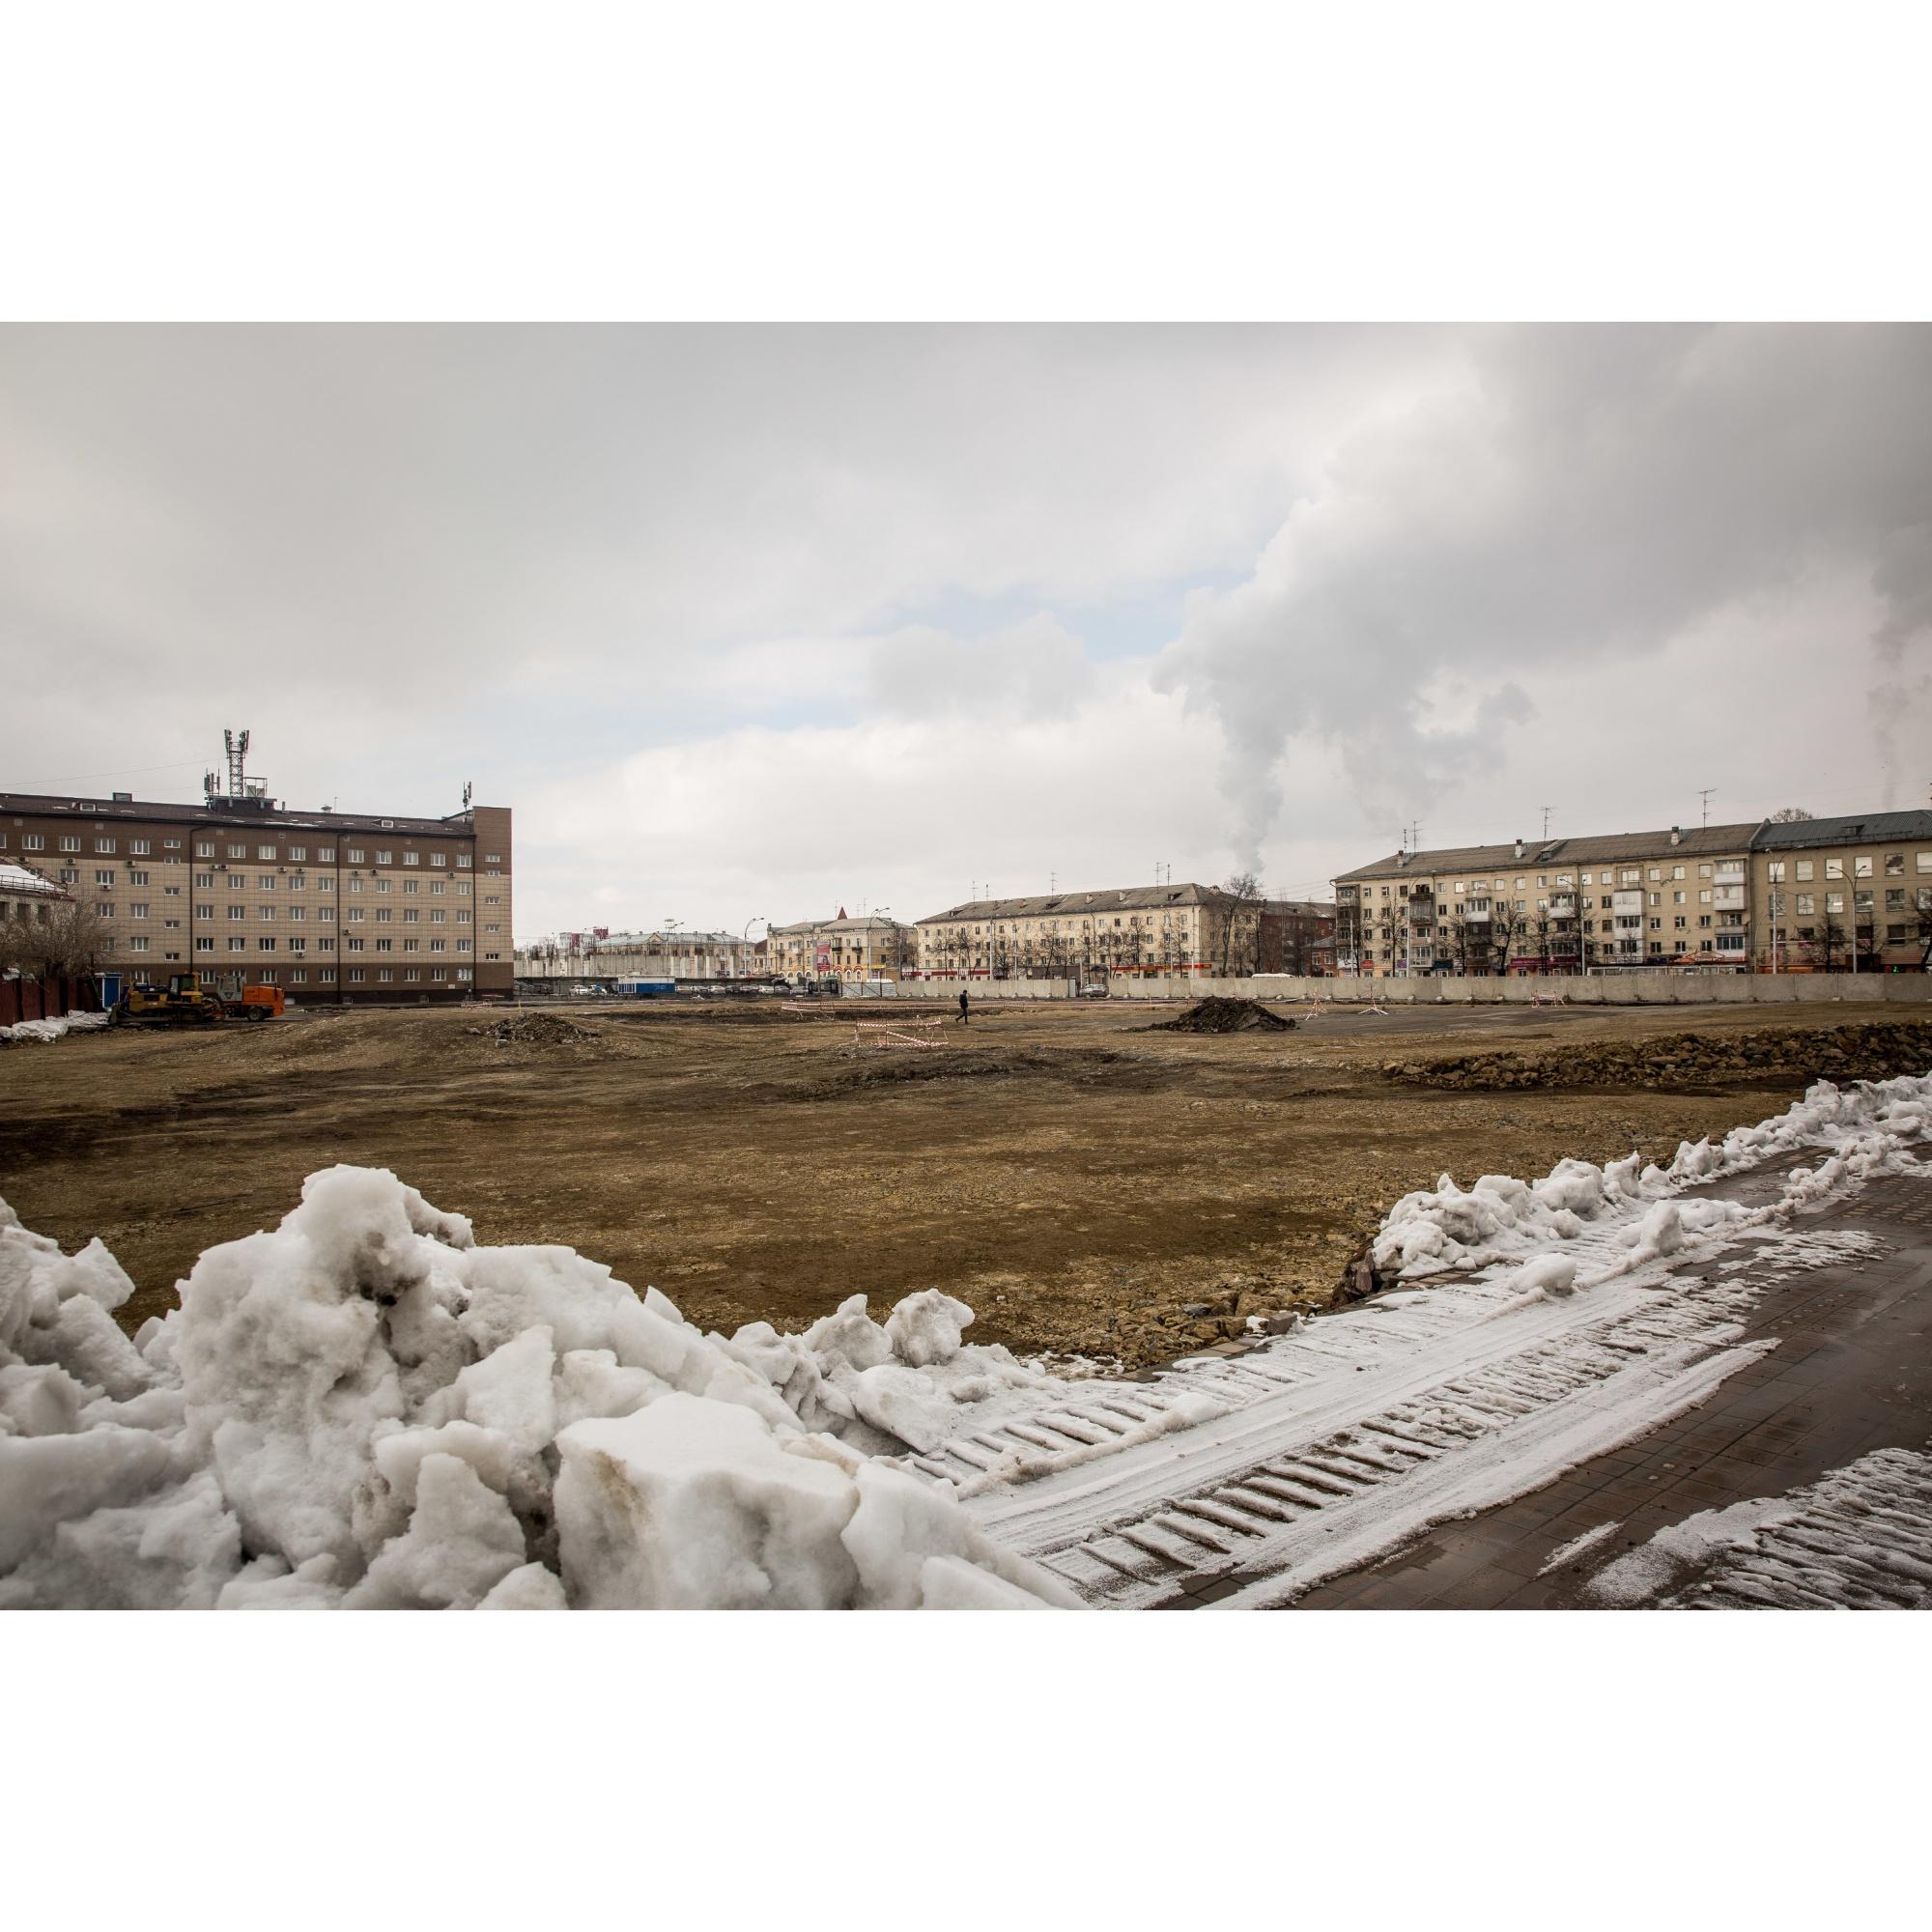 На месте сгоревшей «Зимней вишни» — пустой участок, где до конца августа обещают разбить сквер